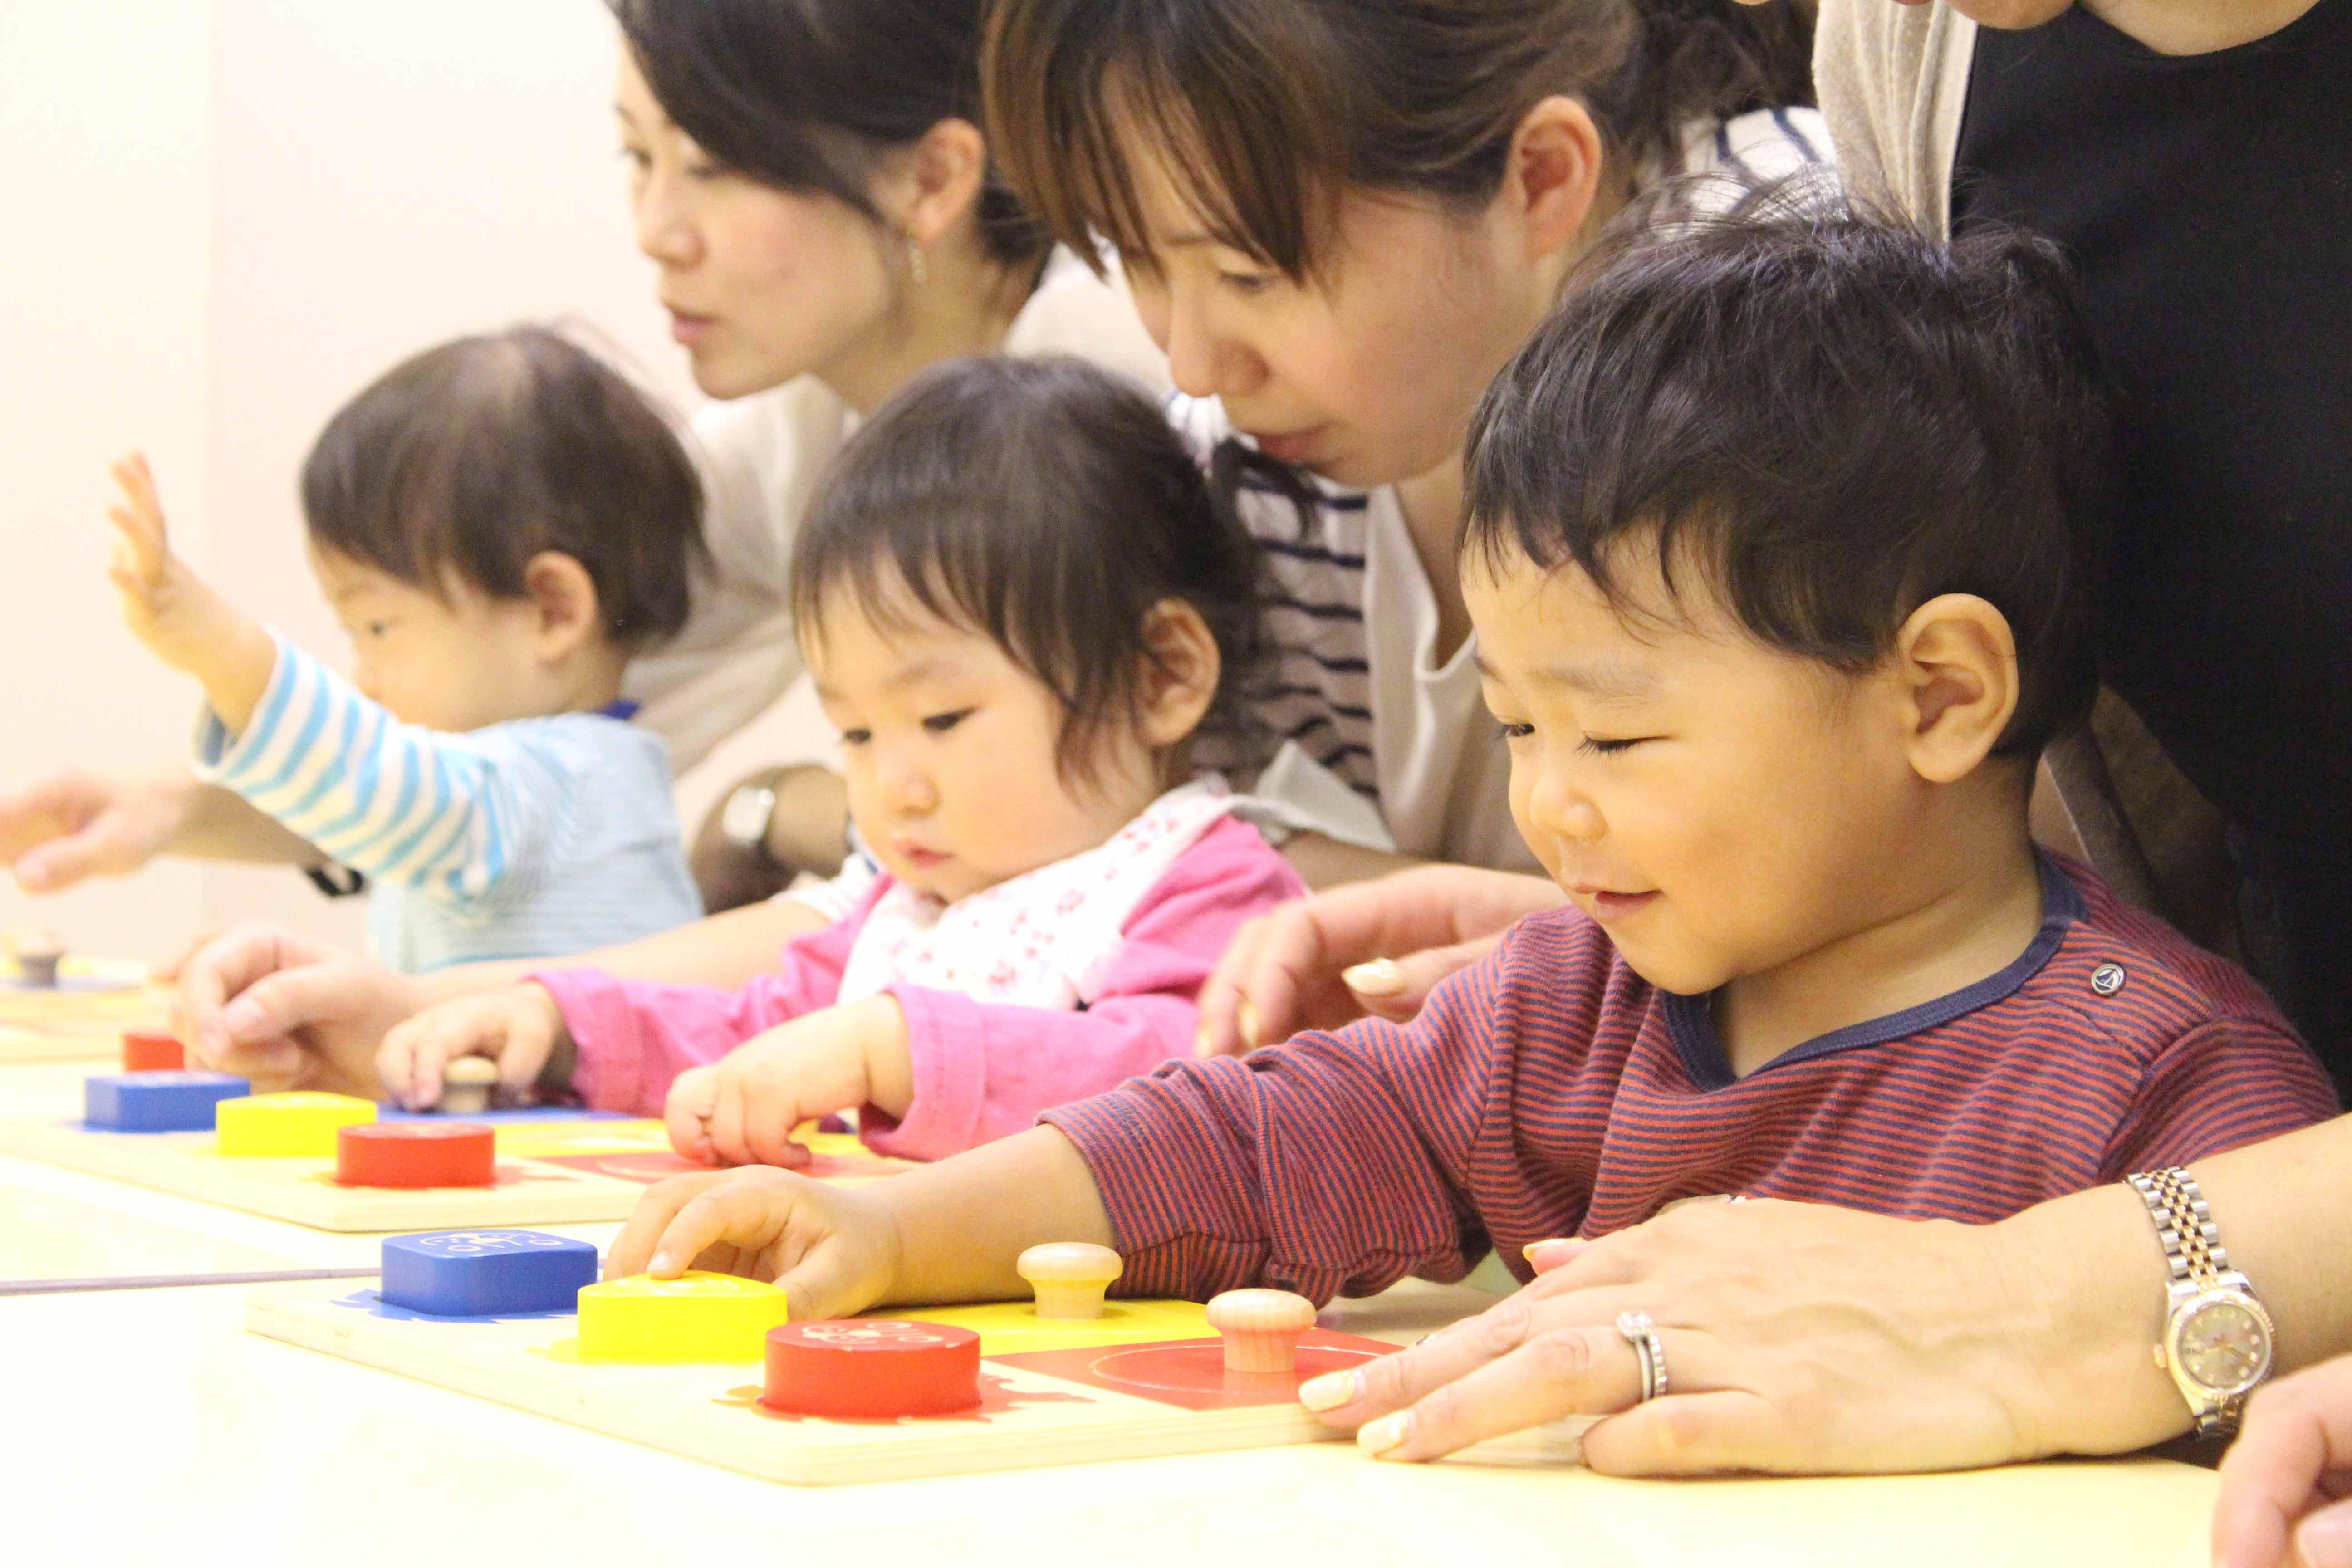 幼小教育研究会 プリンスジュニア 多摩センター校 のアルバイト情報